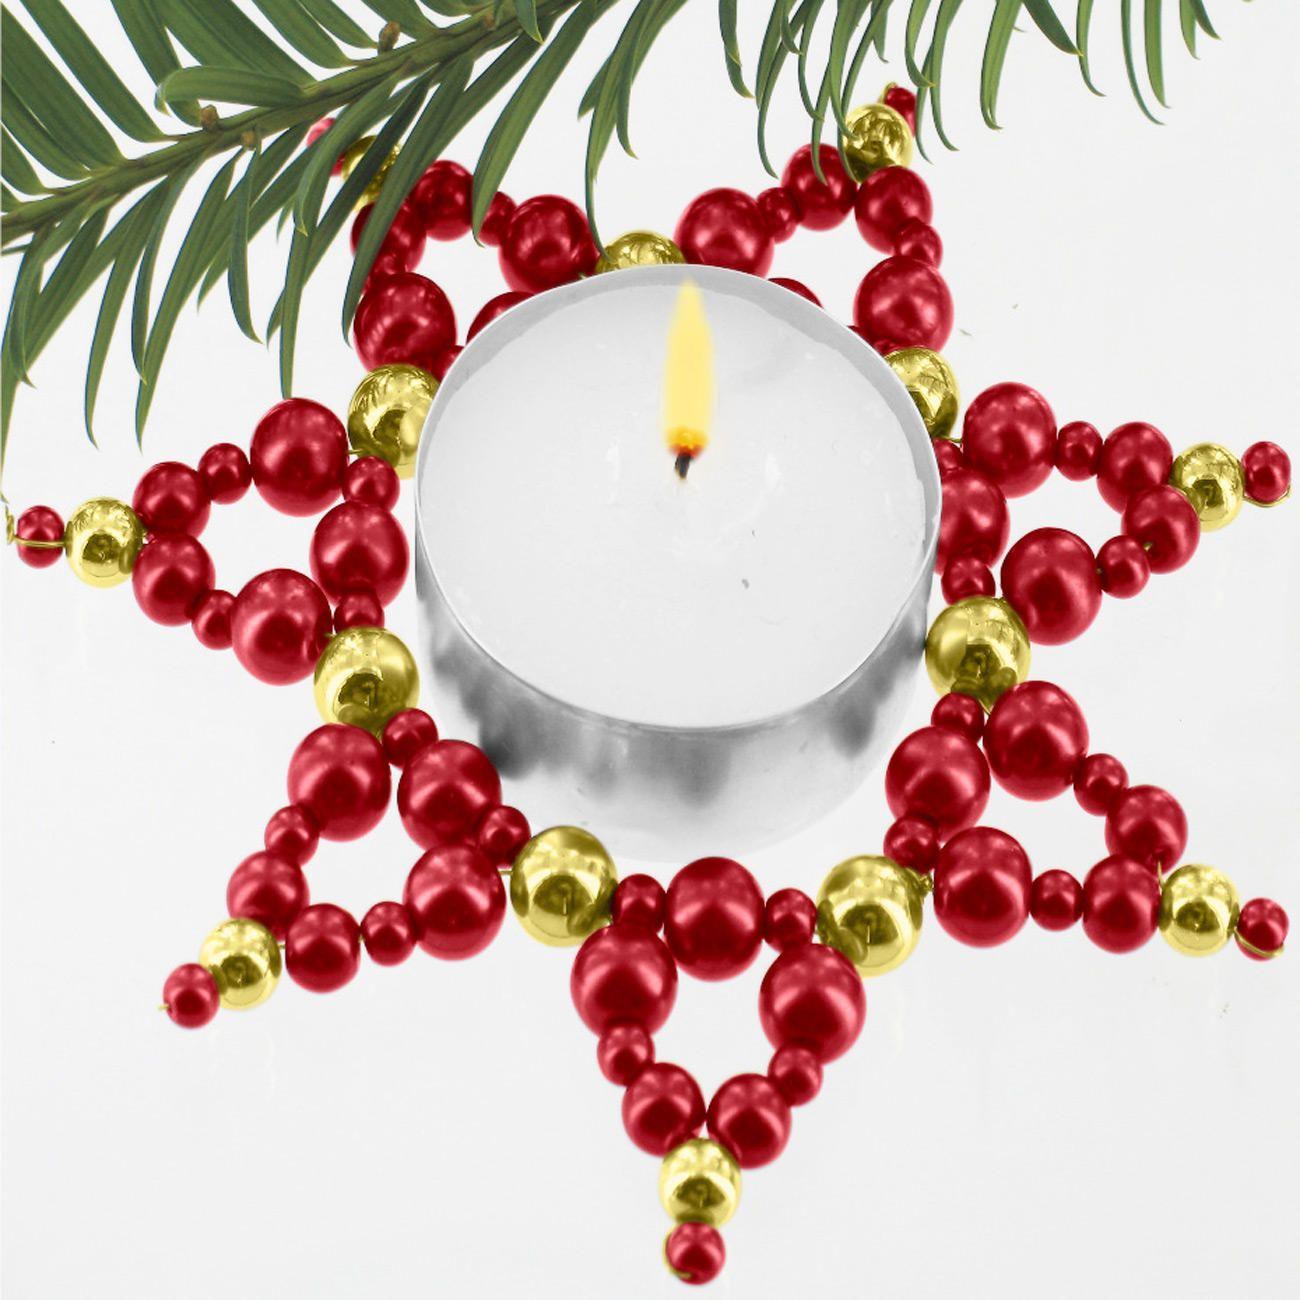 3 teelicht sterne im set zauberhafter perlen weihnachtsschmuck weihnachtsschmuck. Black Bedroom Furniture Sets. Home Design Ideas